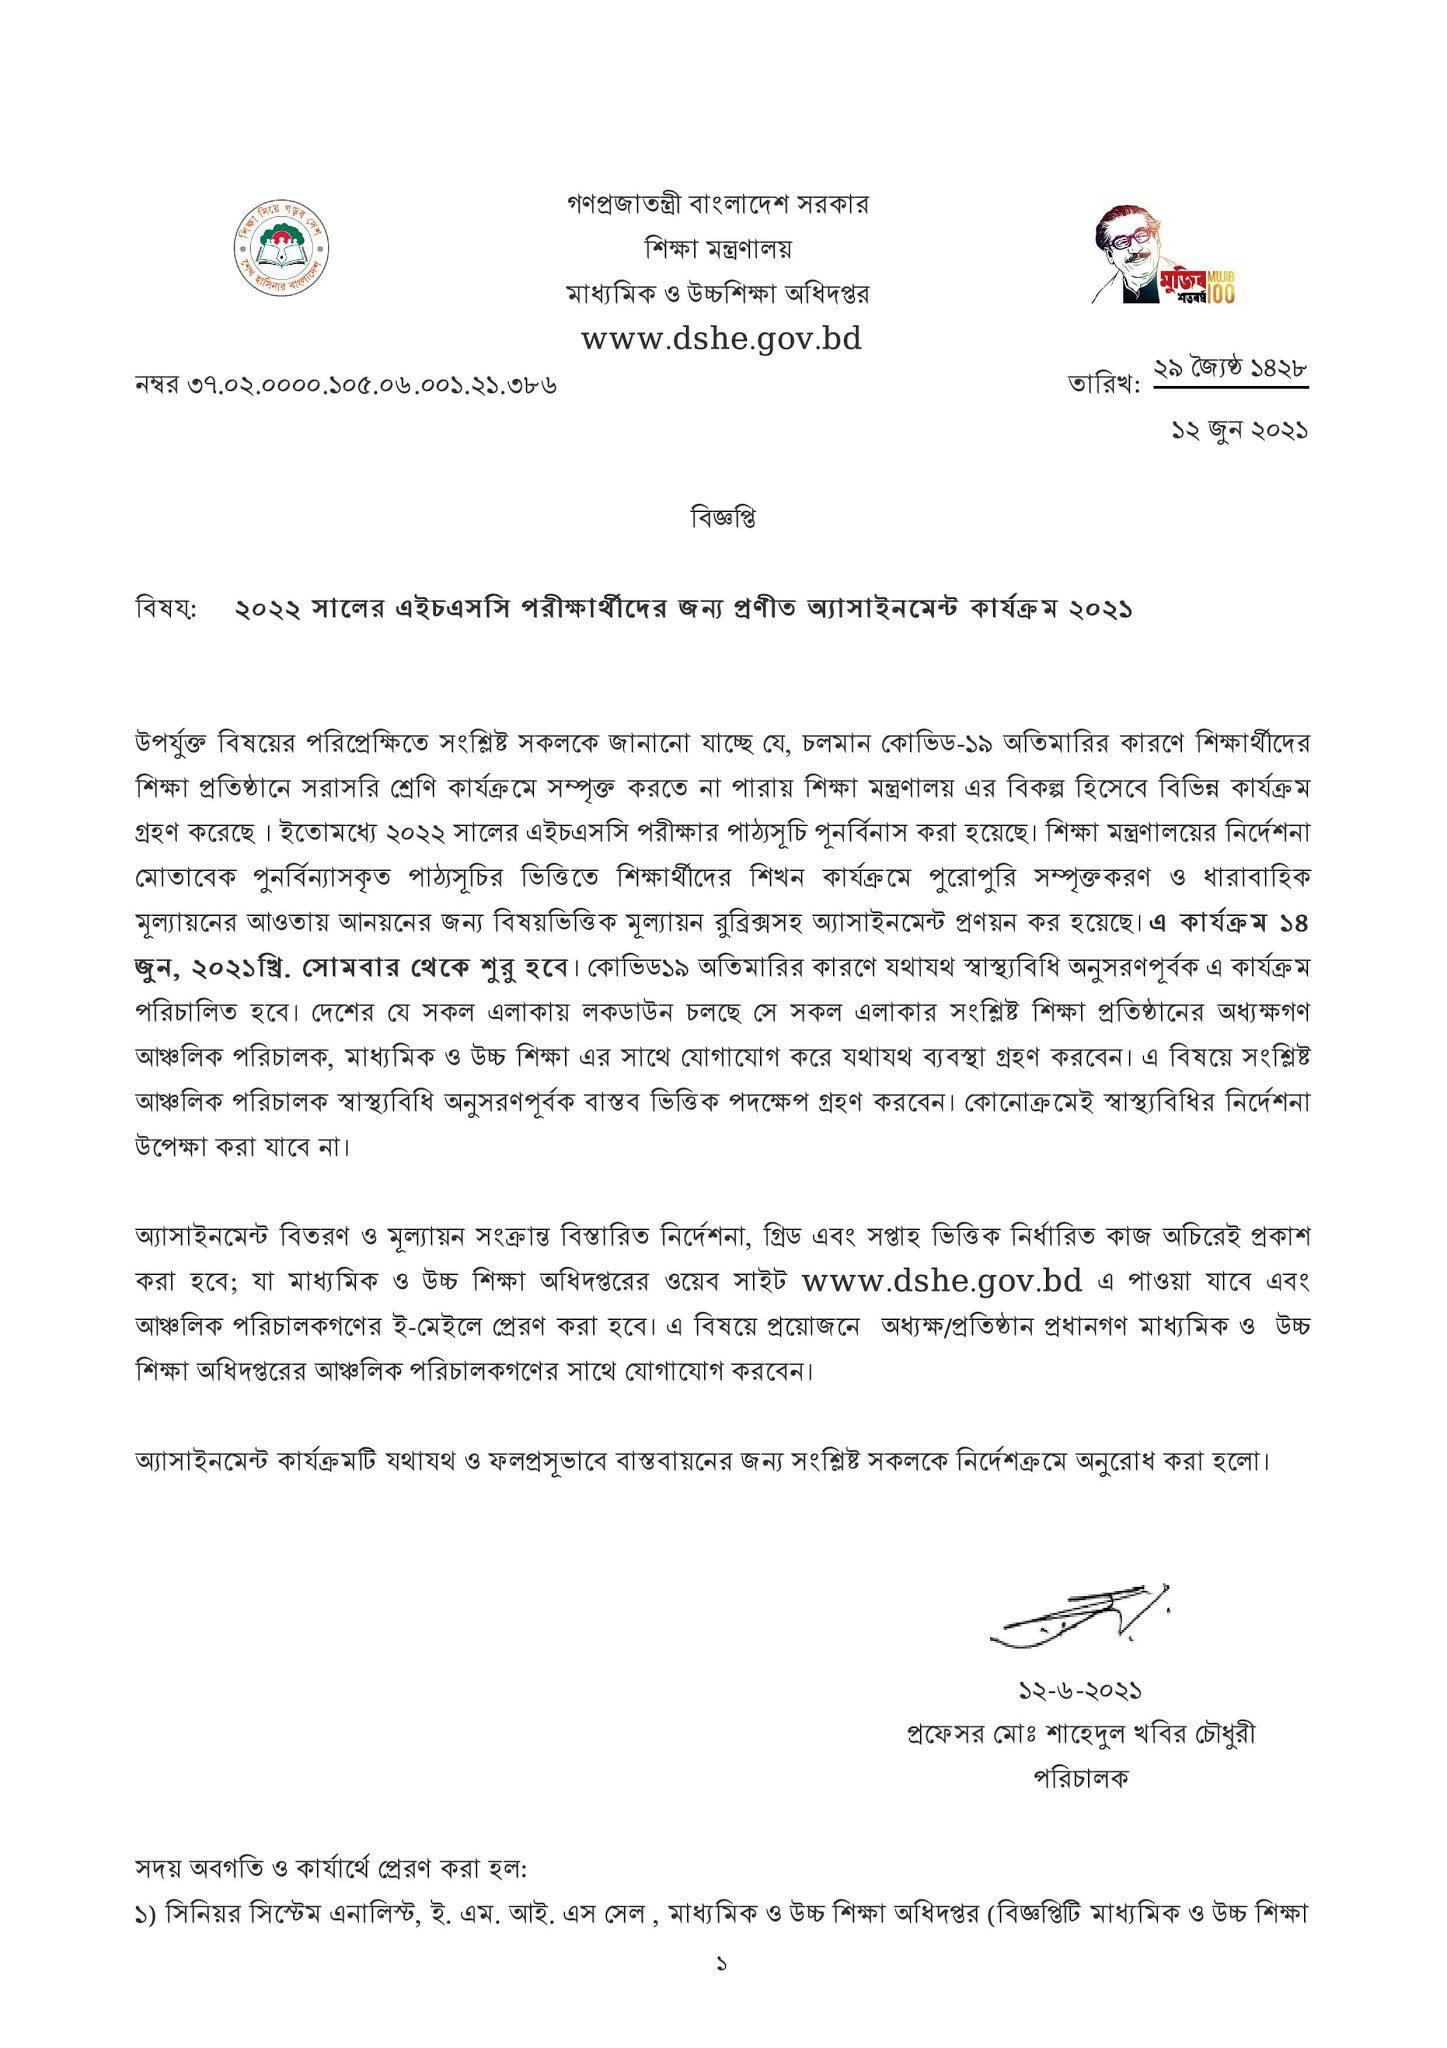 HSC Assignment Notice 2022